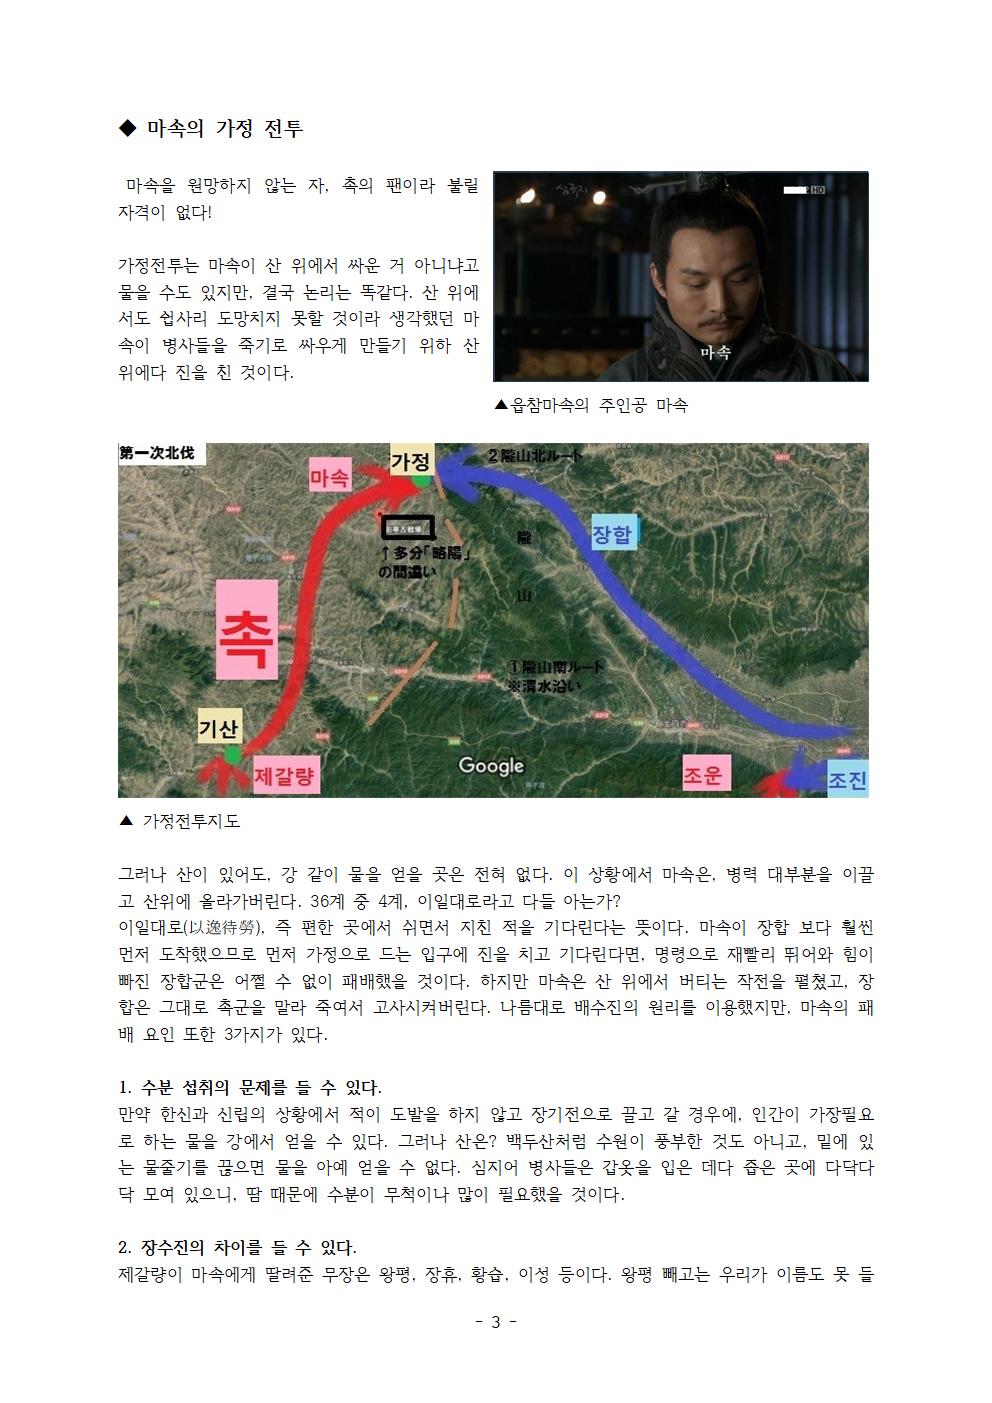 ※ 배수진(최원준) 수정003.png